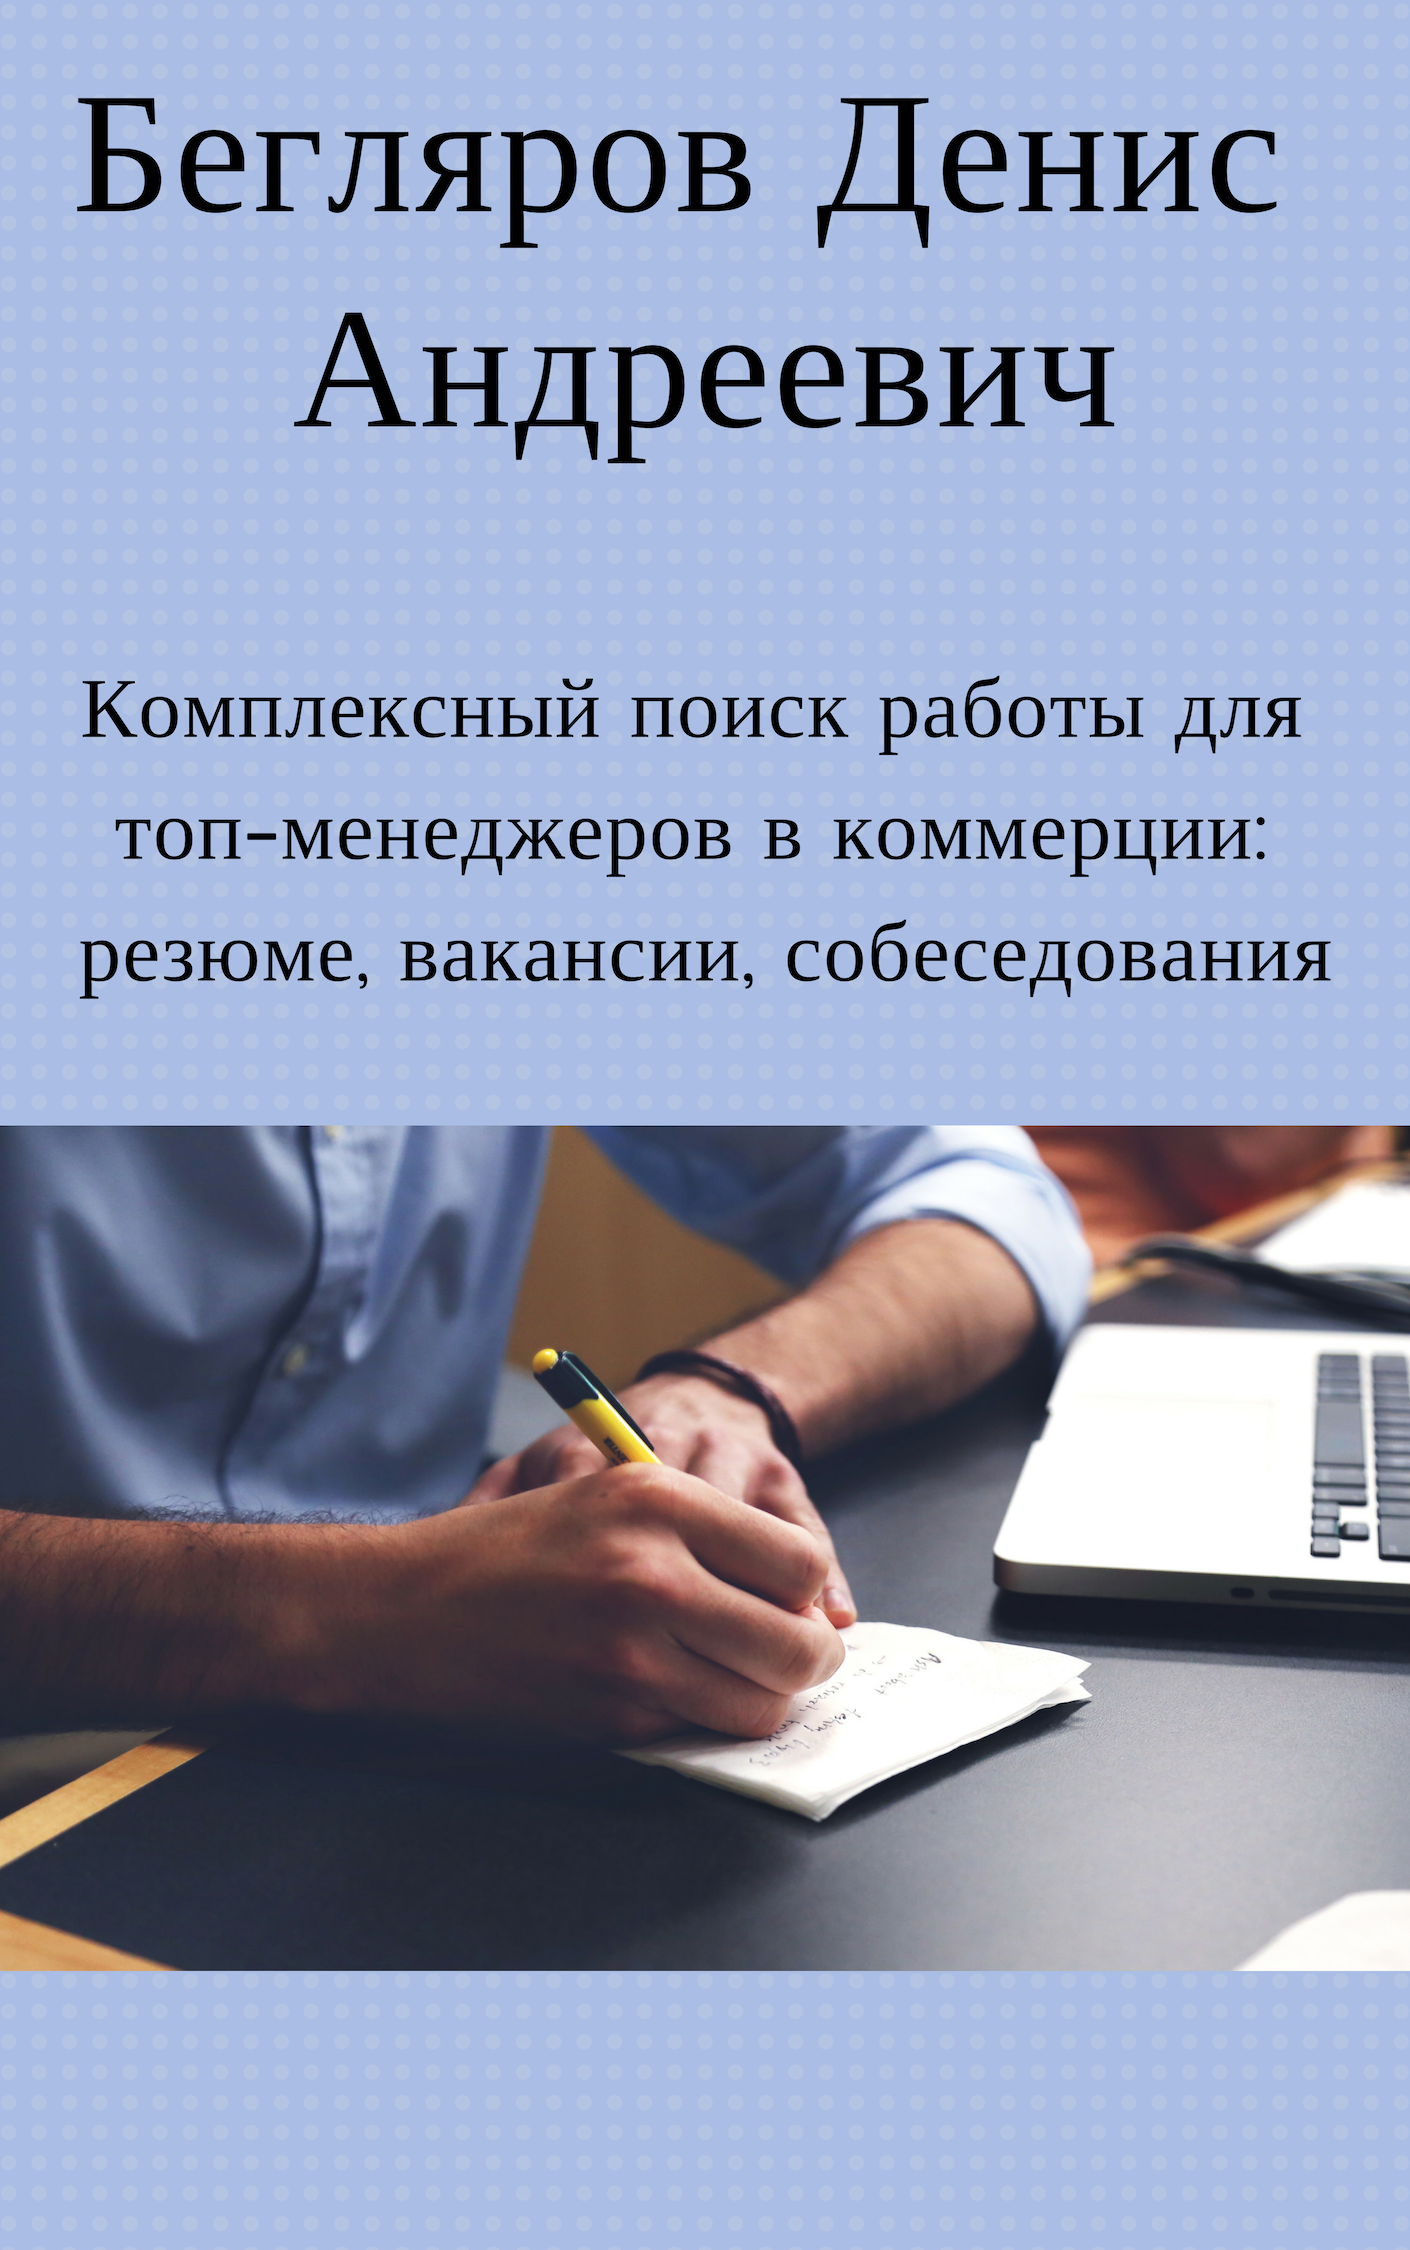 Обложка книги Комплексный поиск работы для топ-менеджеров в коммерции: резюме, вакансии, собеседования